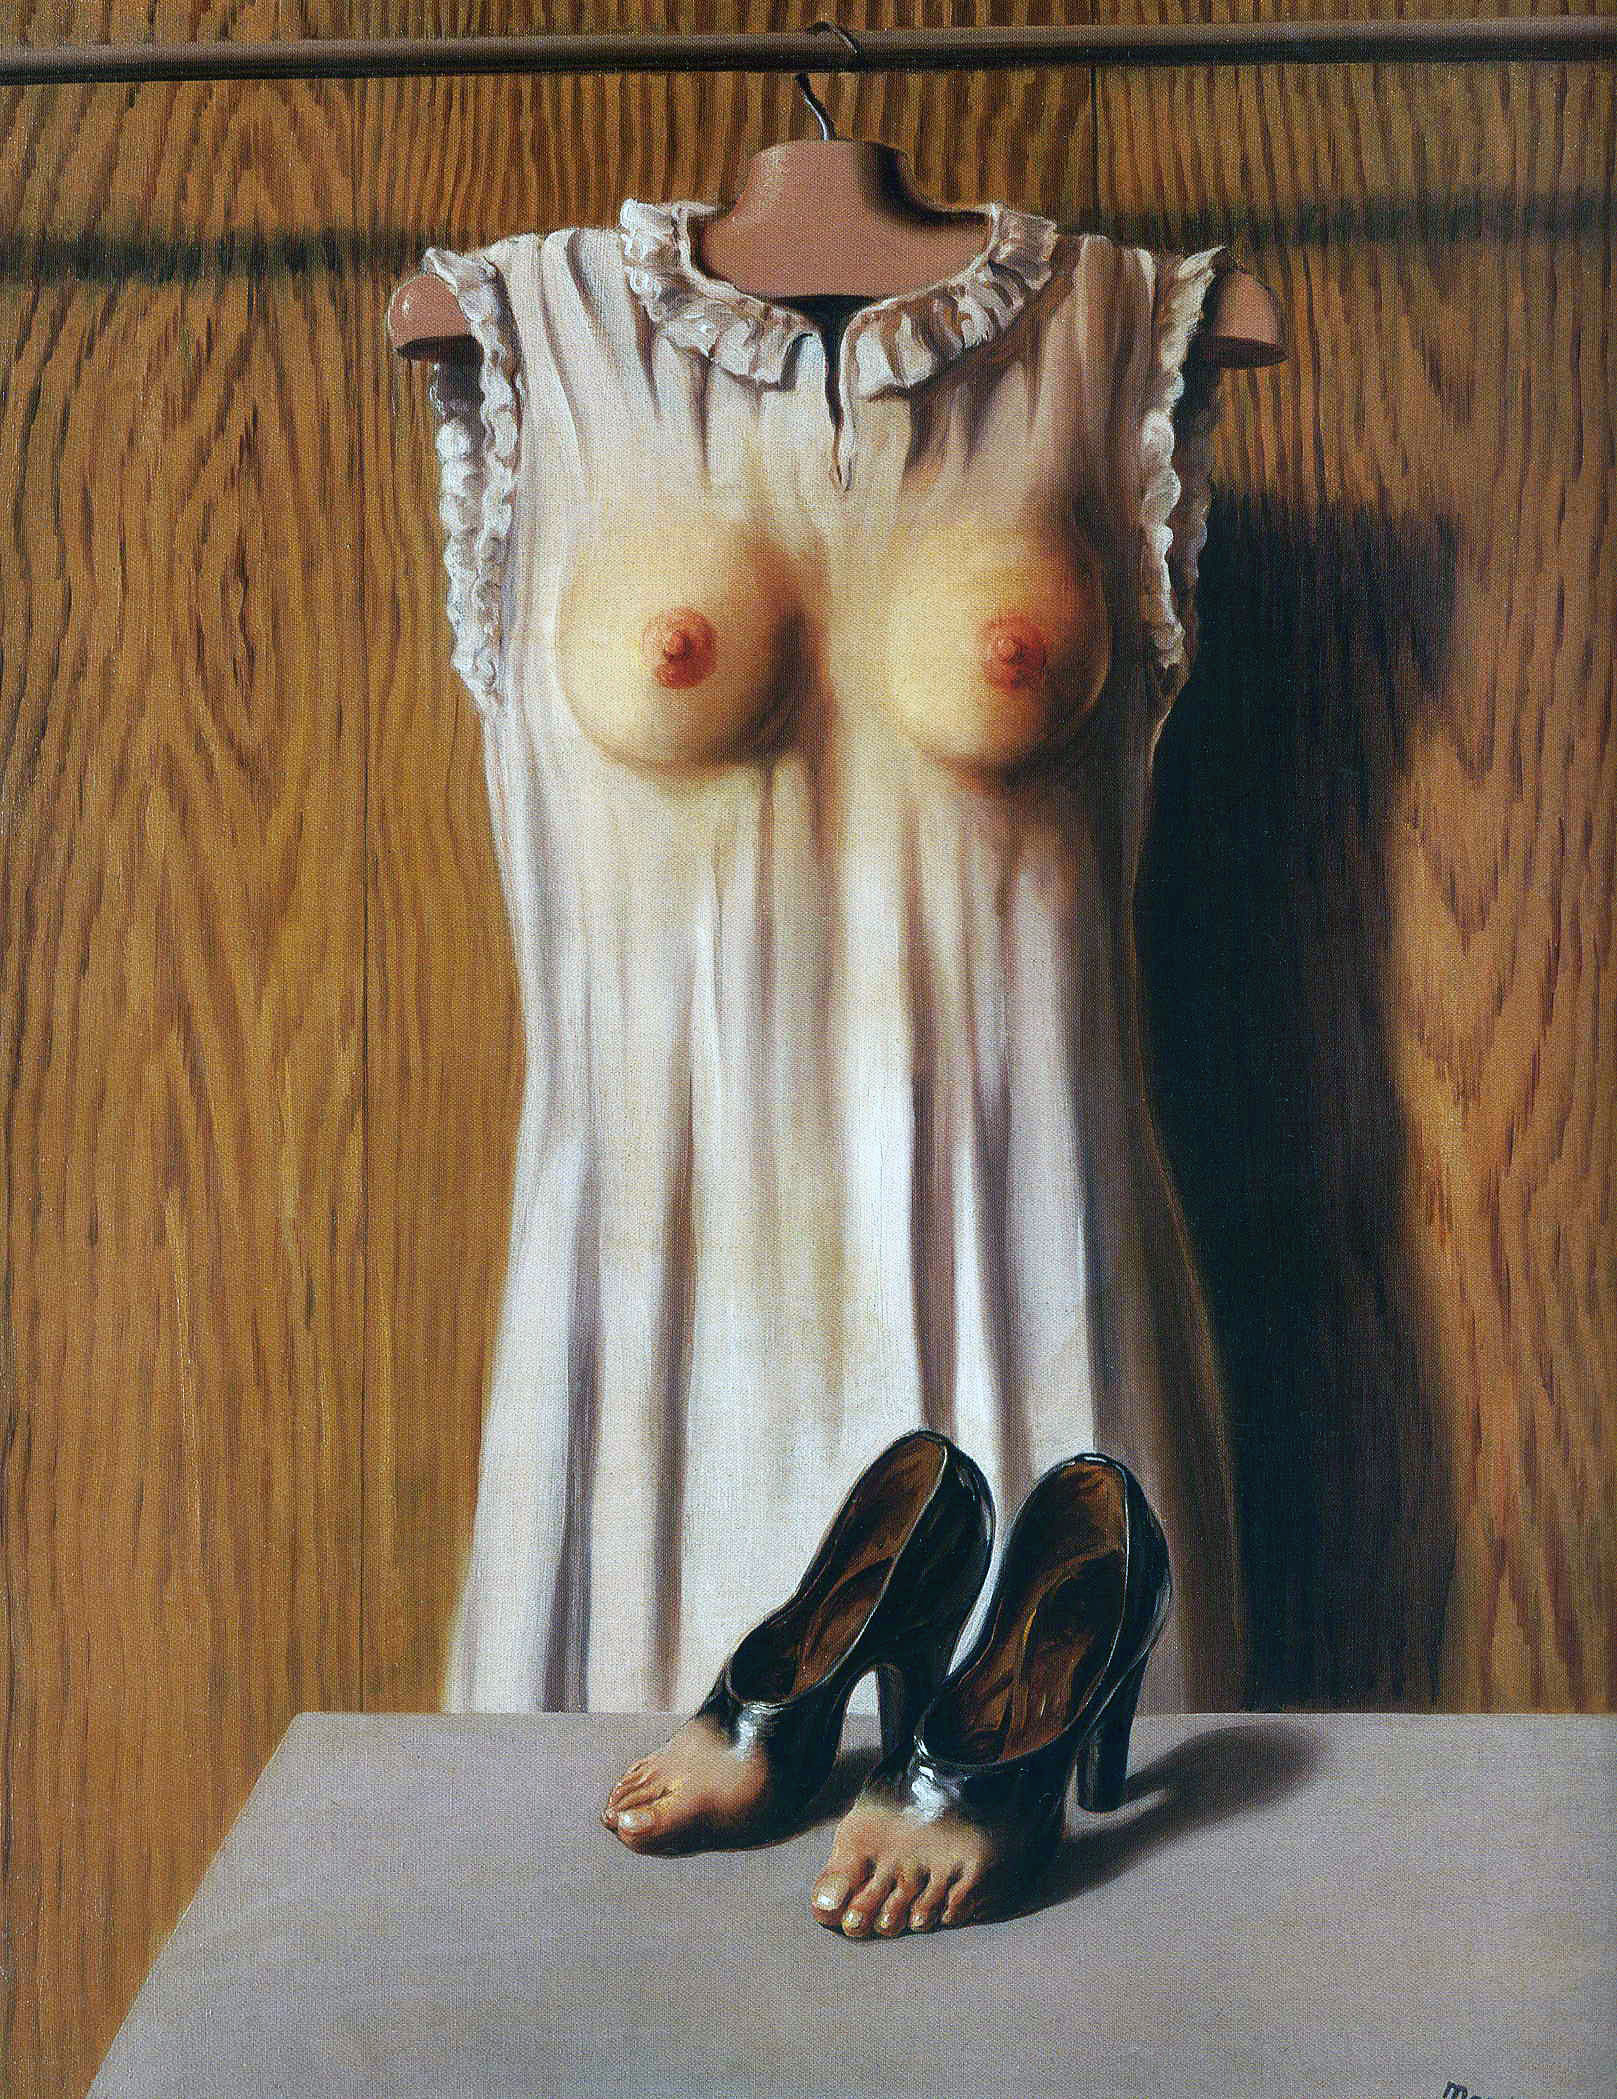 La Philosophie dans le boudoir (Философия в будуаре), Рене Магритт, художники, сюрреализм